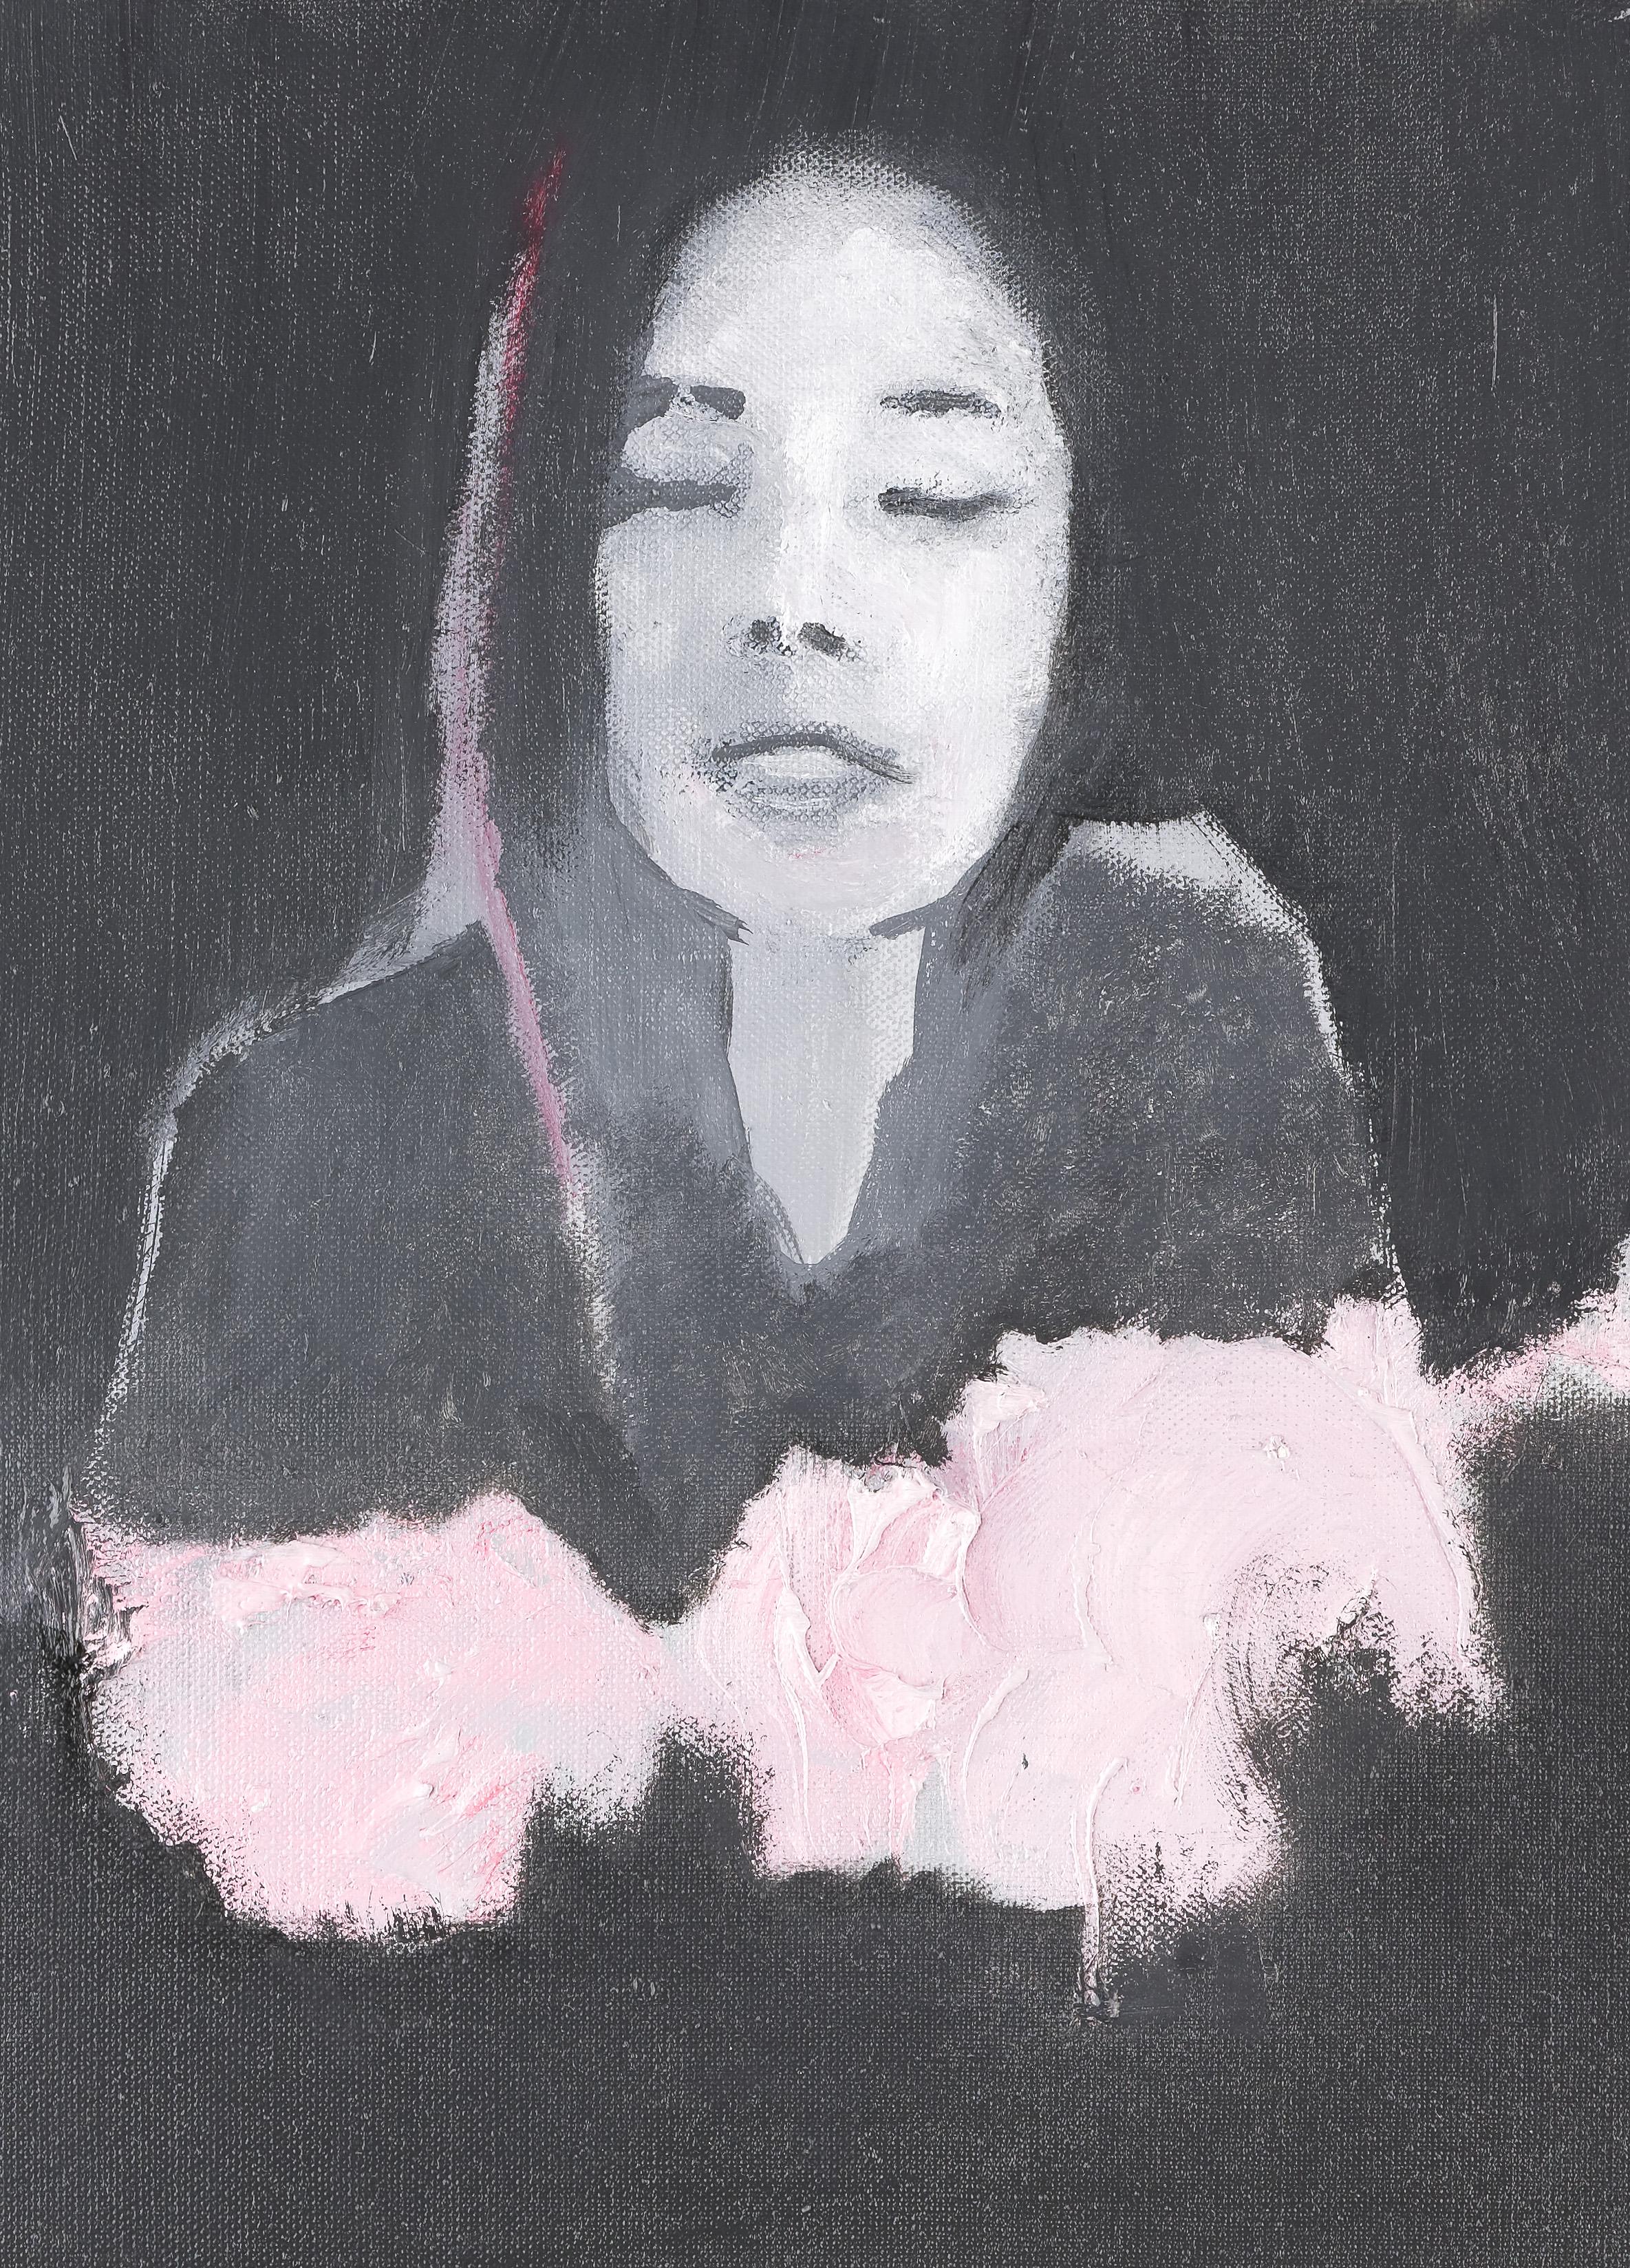 Je suis toujours comme ça au printemps - 201334 x 24 cm